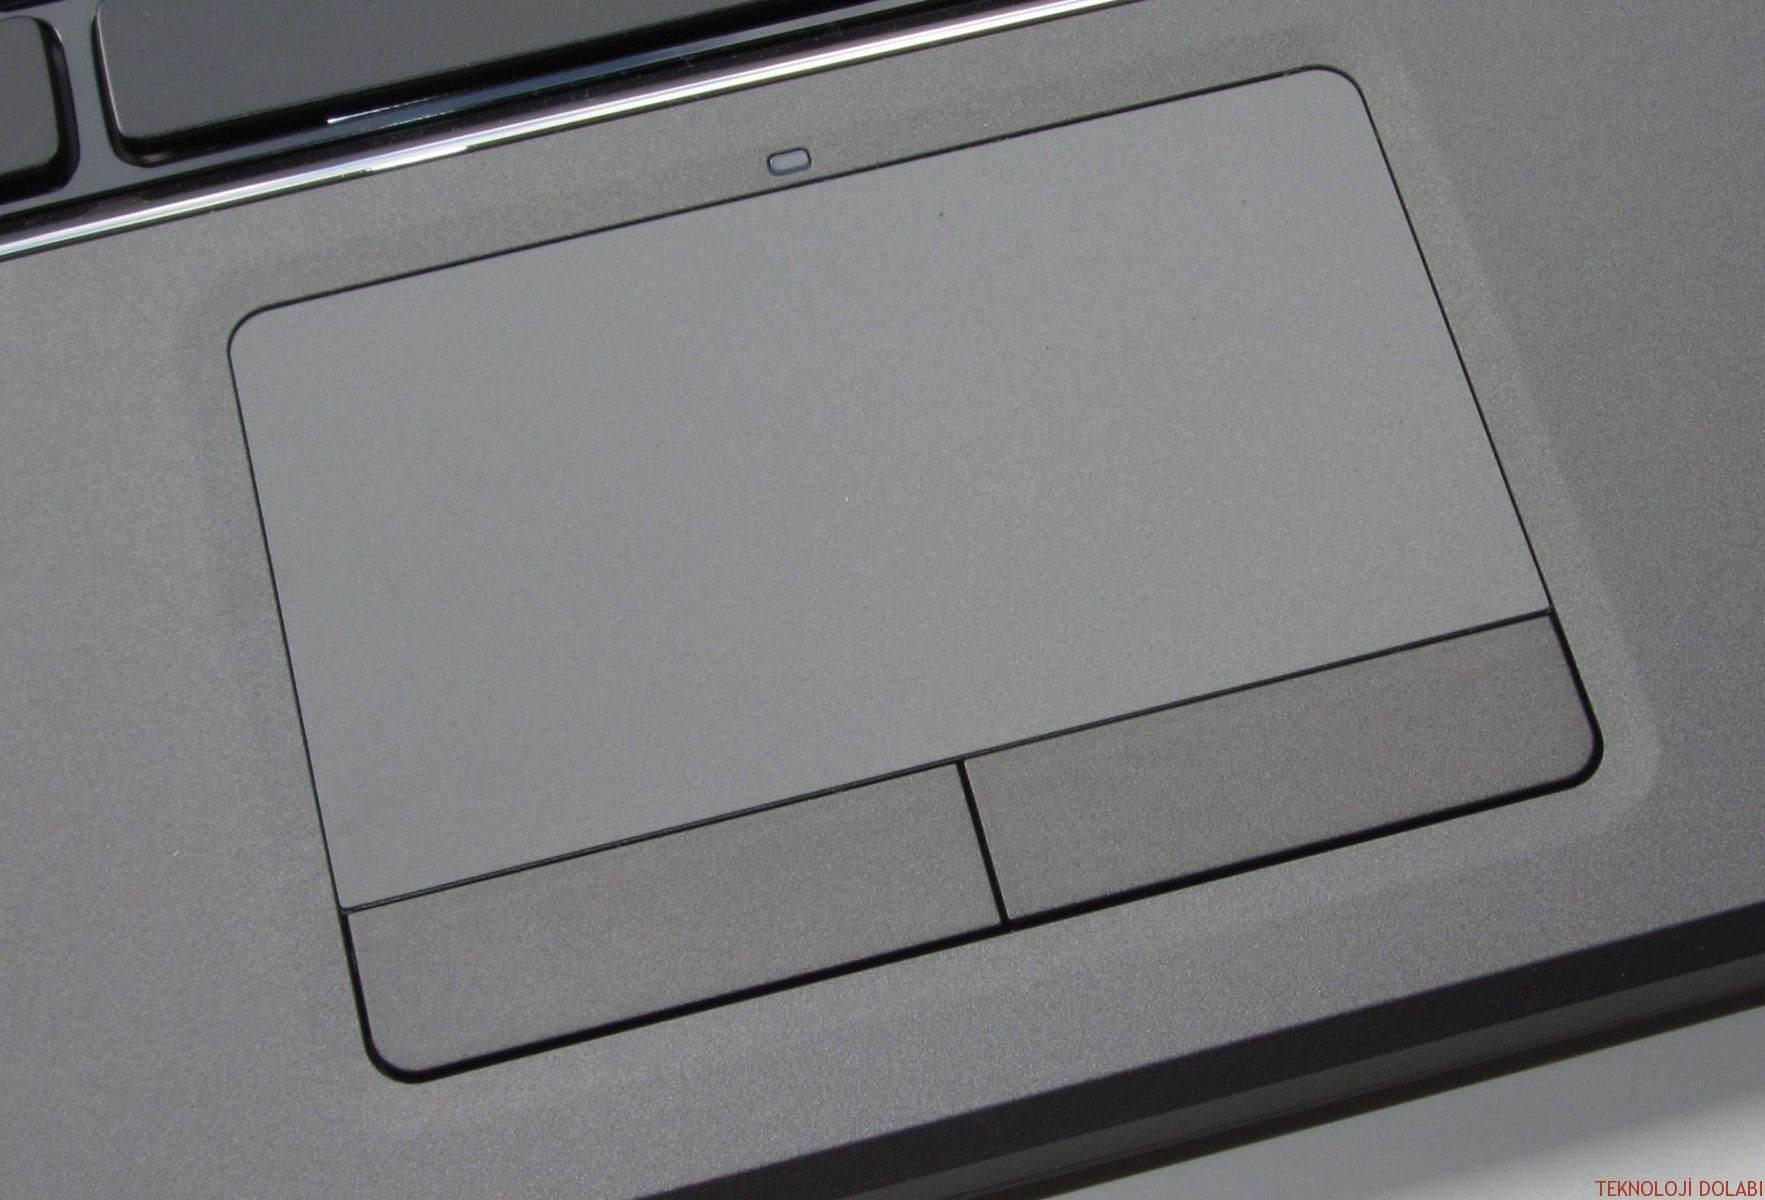 Dizüstü Bilgisayarın Touch Pad Sorunu ve Çözümleri 2